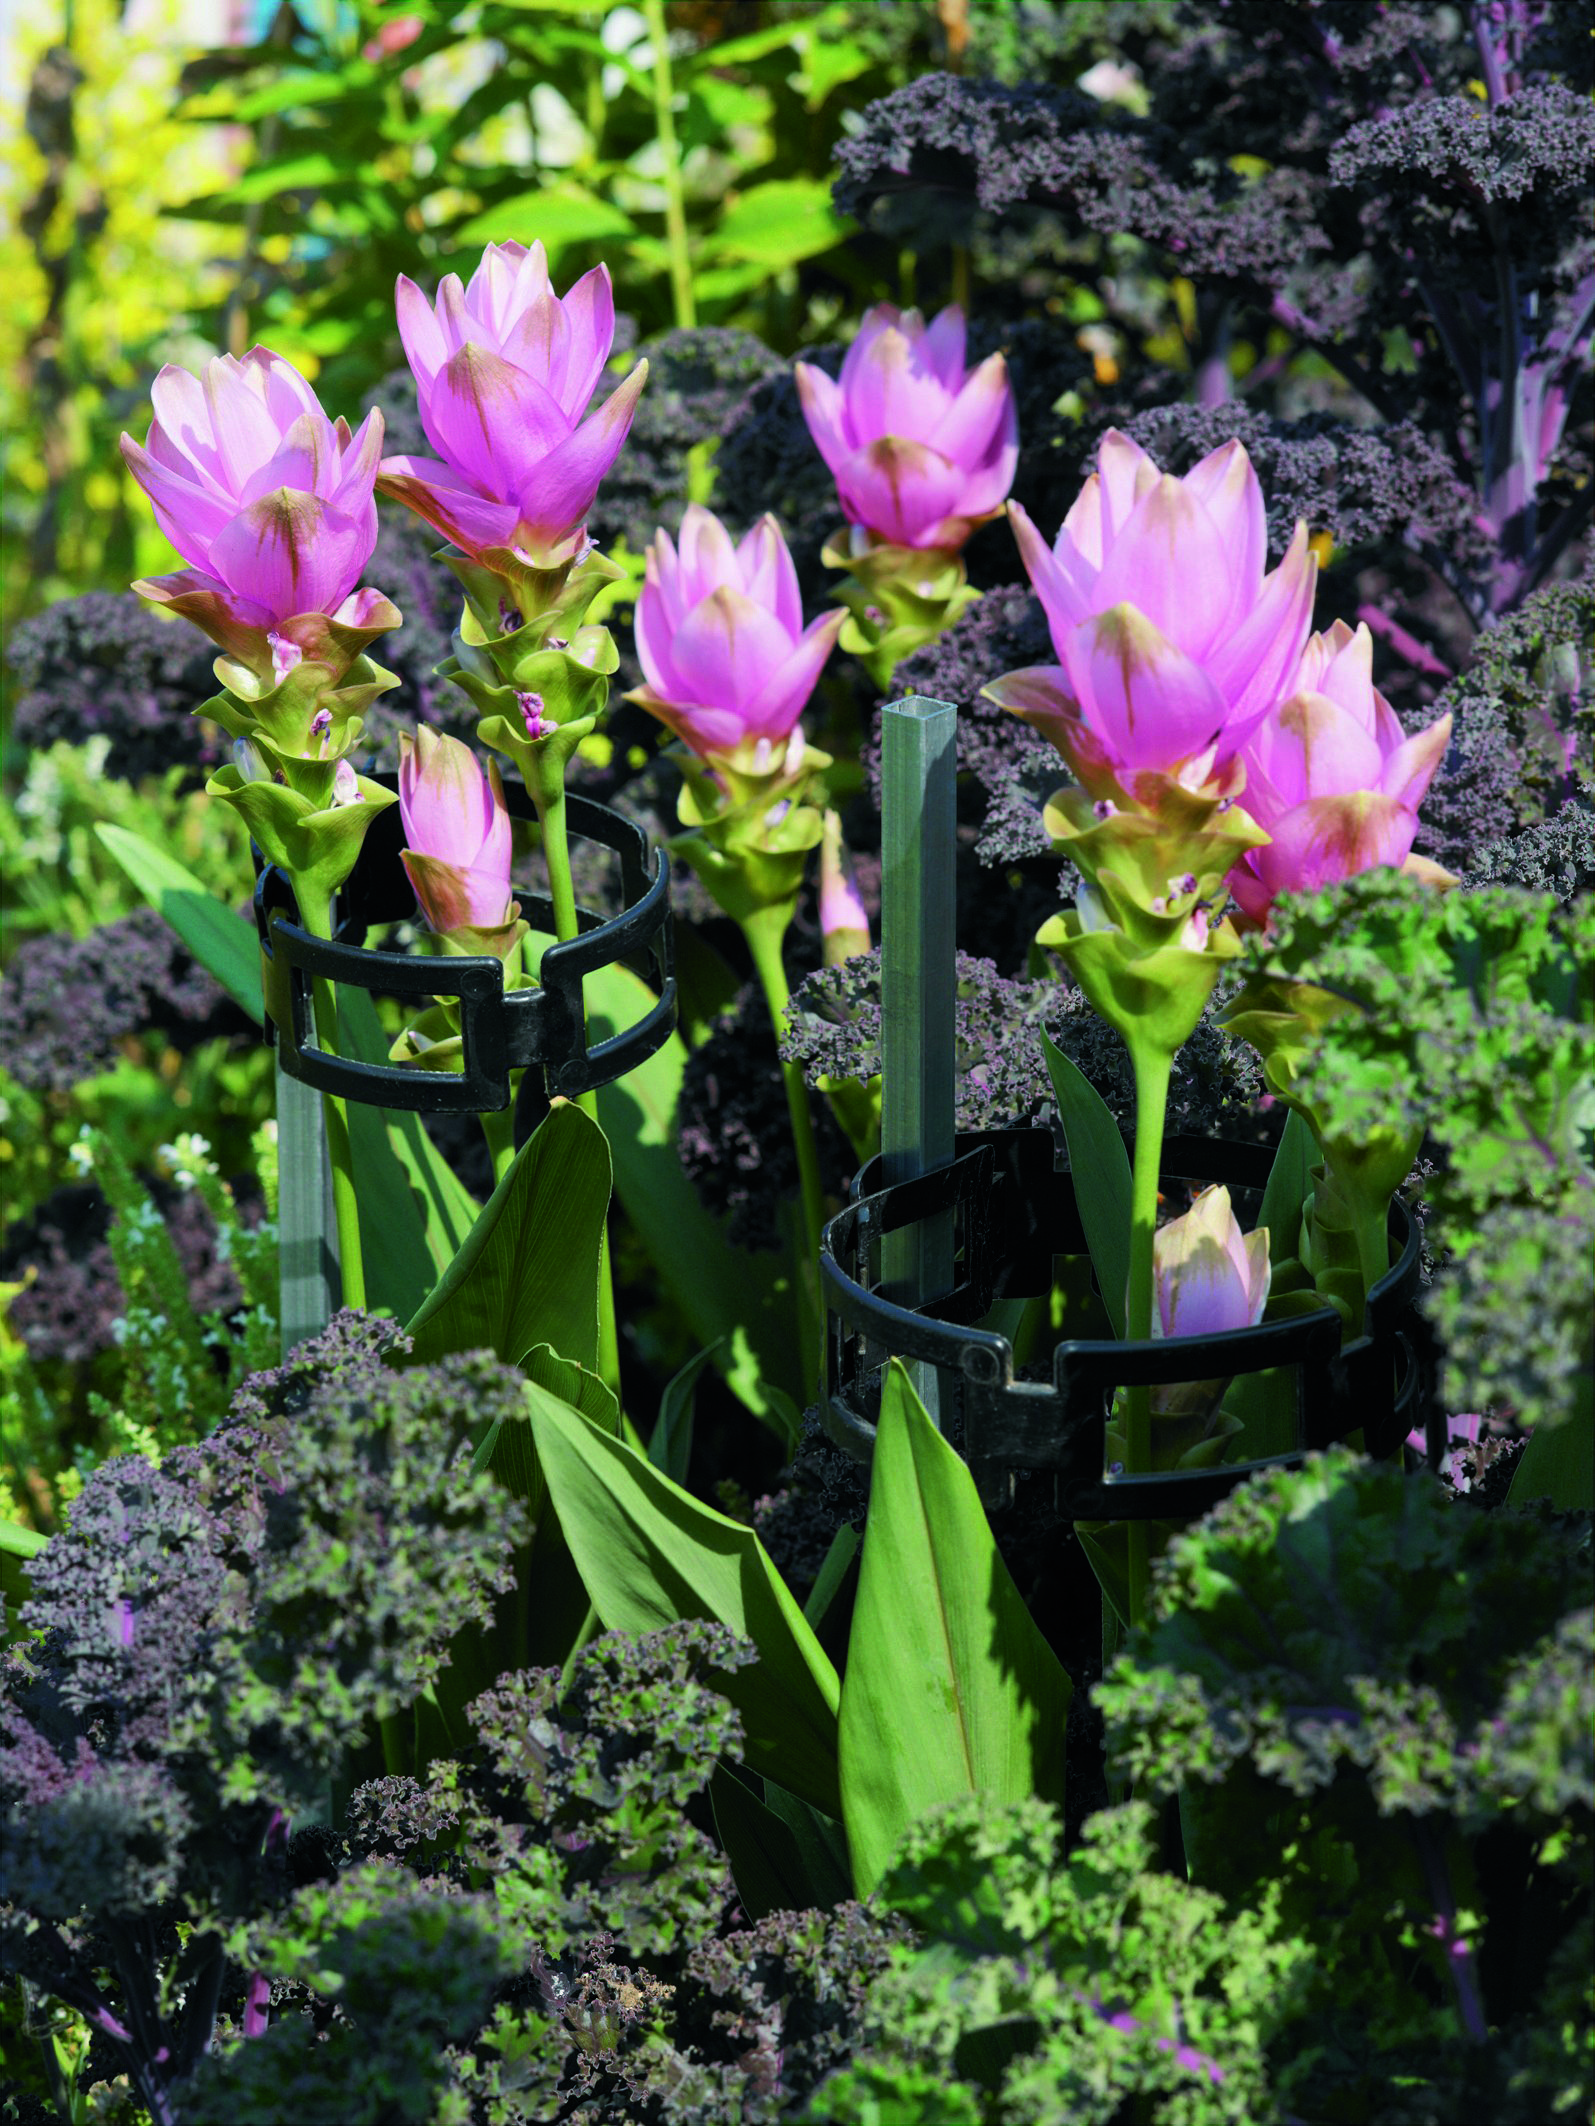 La pianta della curcuma con il suo inconfondibile fiore rosa